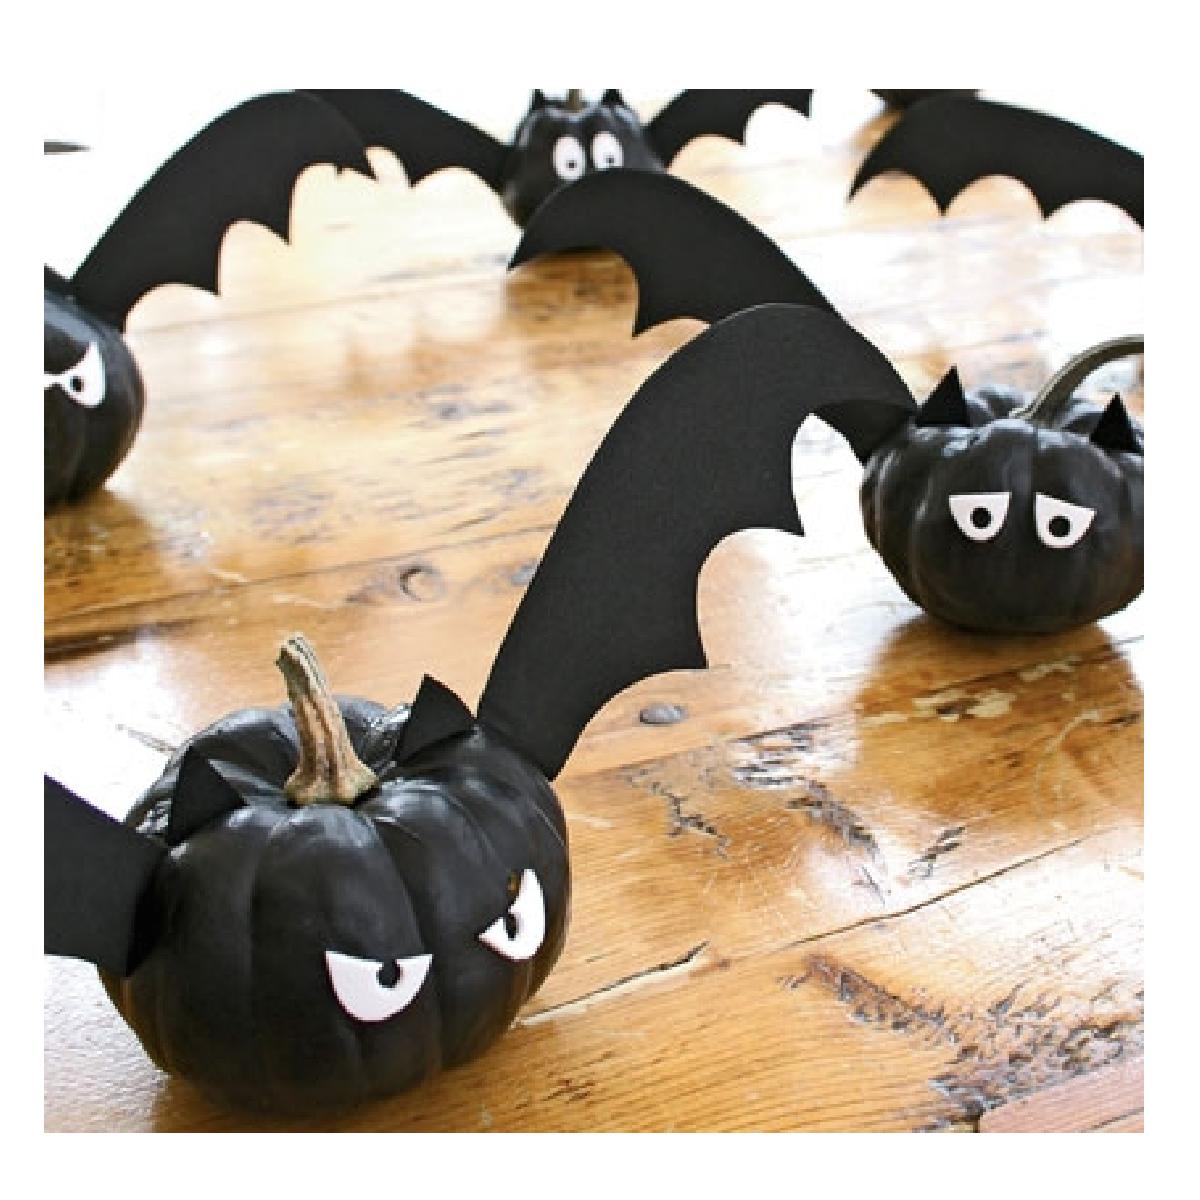 cadeaux 2 ouf id es de cadeaux insolites et originaux halloween 10 objets insolites pour. Black Bedroom Furniture Sets. Home Design Ideas